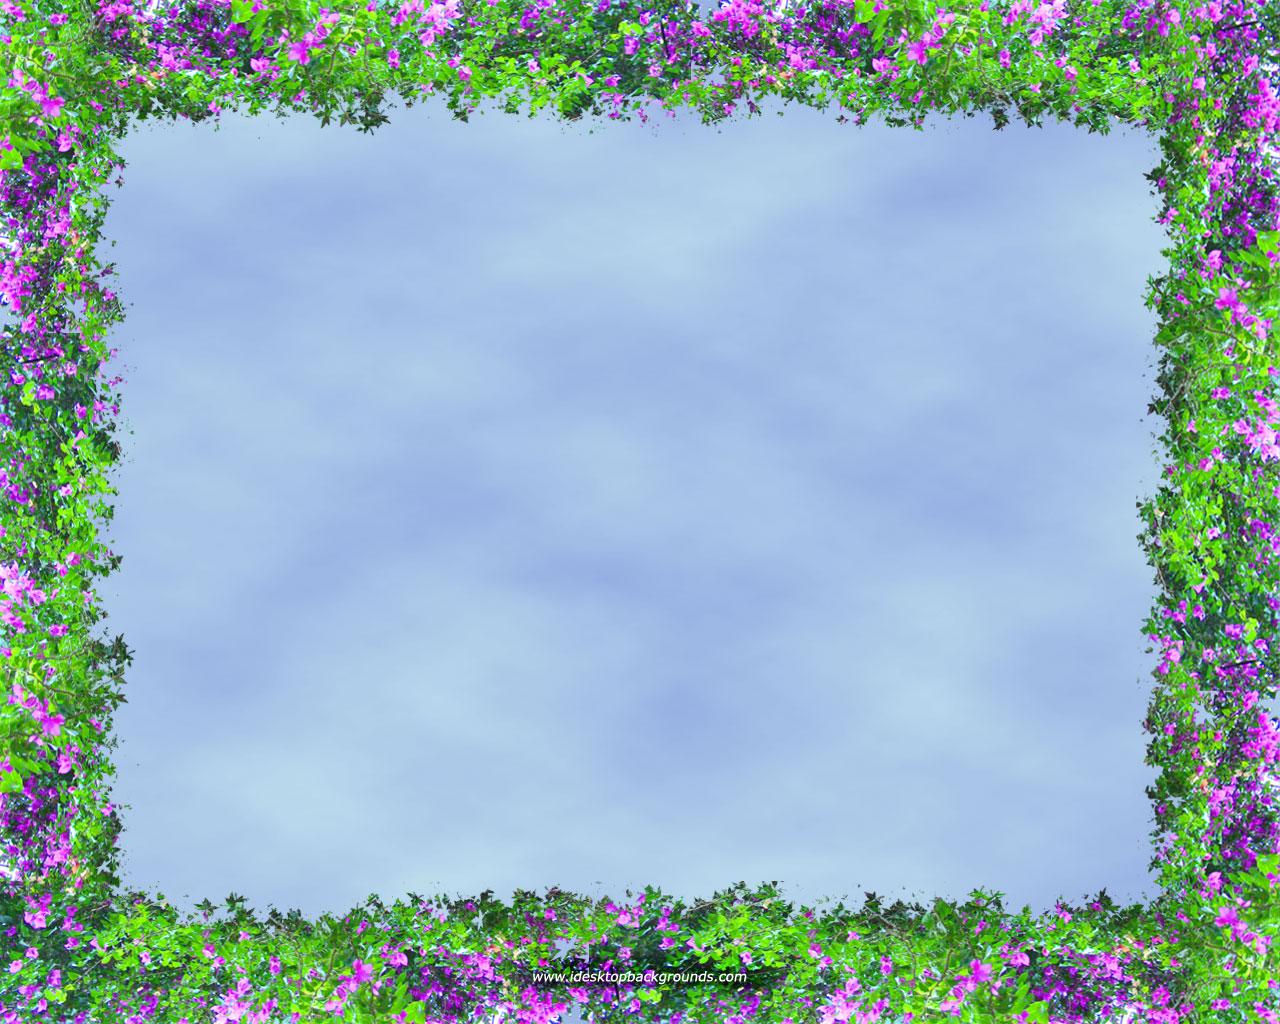 Desktop Backgrounds border background 1280x1024